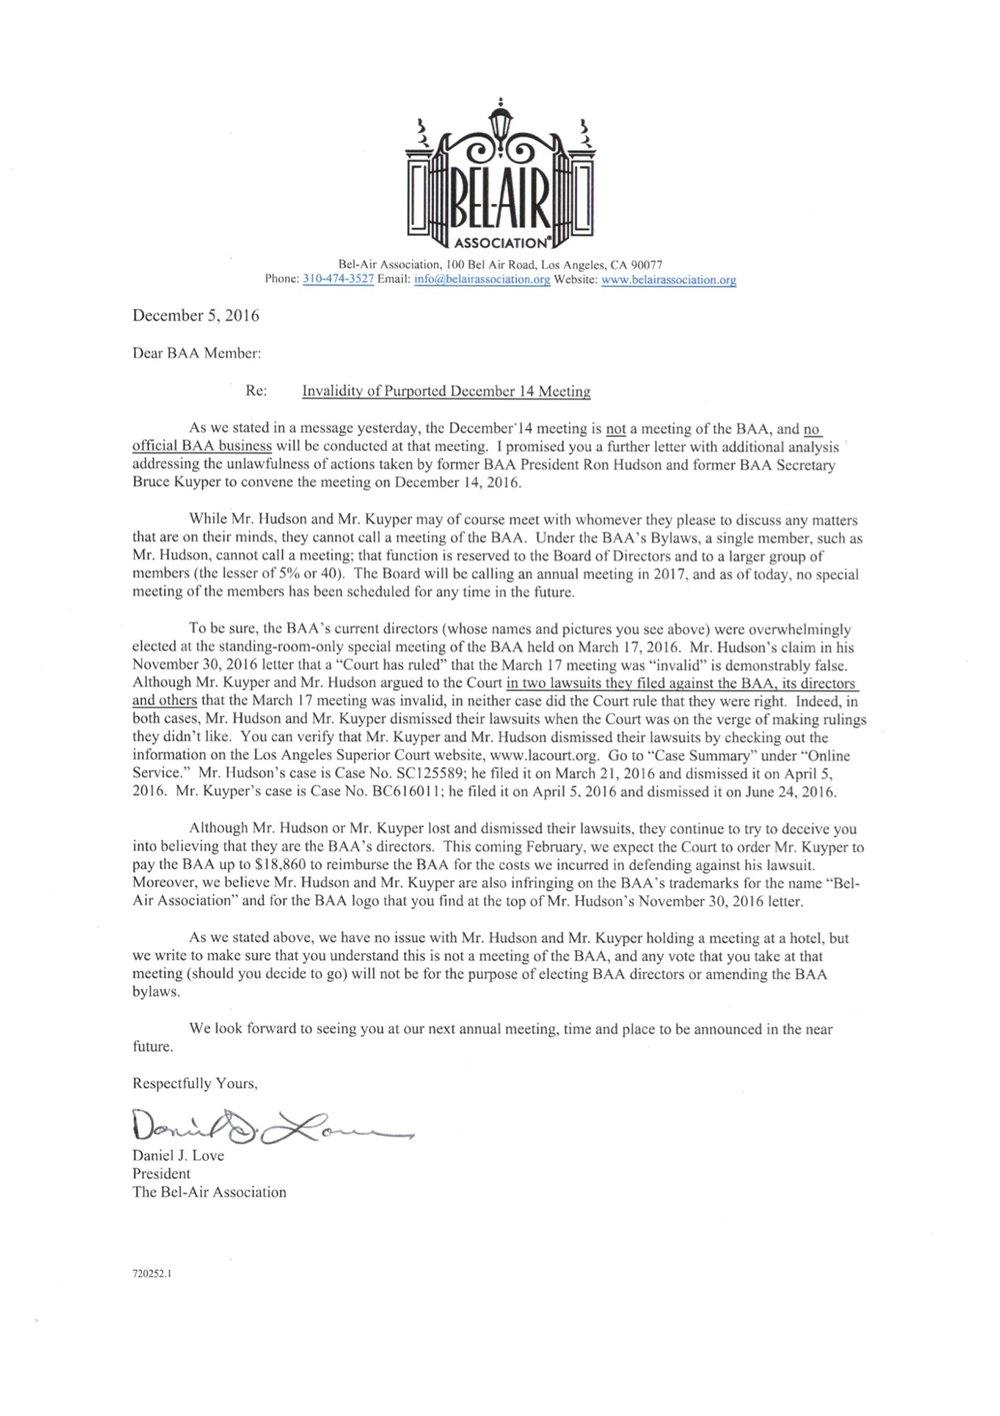 Letter from Dan Love.jpg